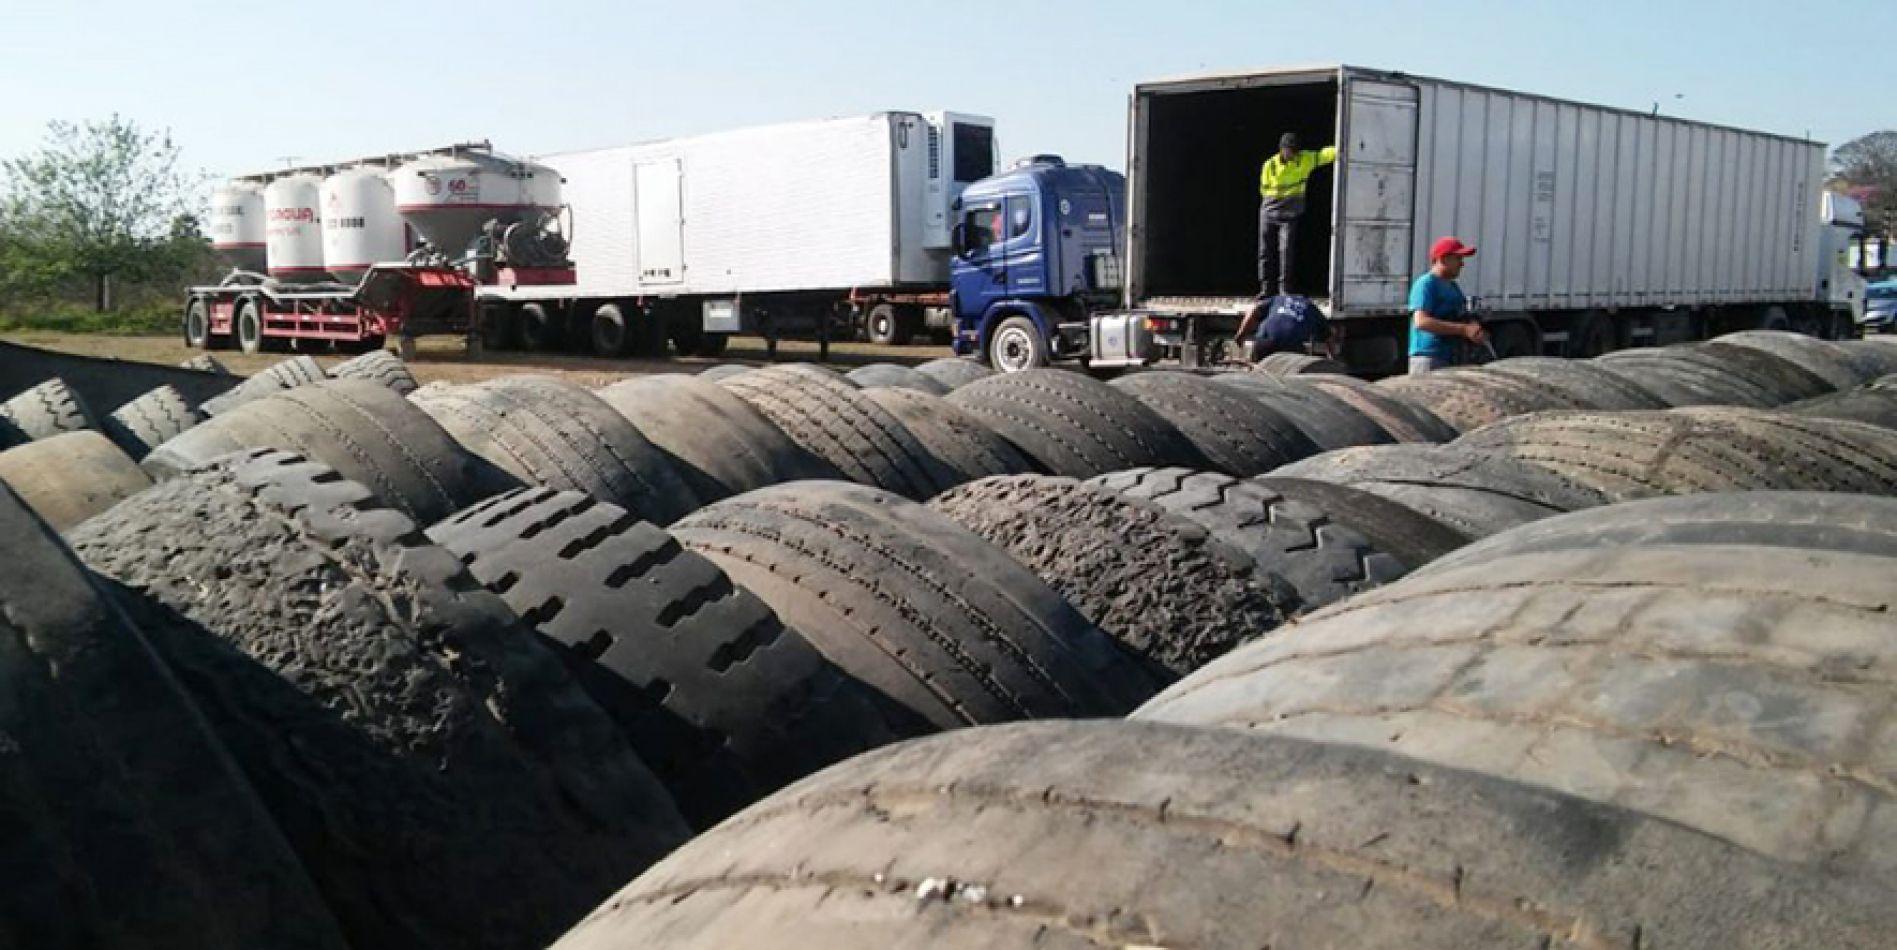 Reutilizan 780 neumáticos como combustible en hornos cementeros